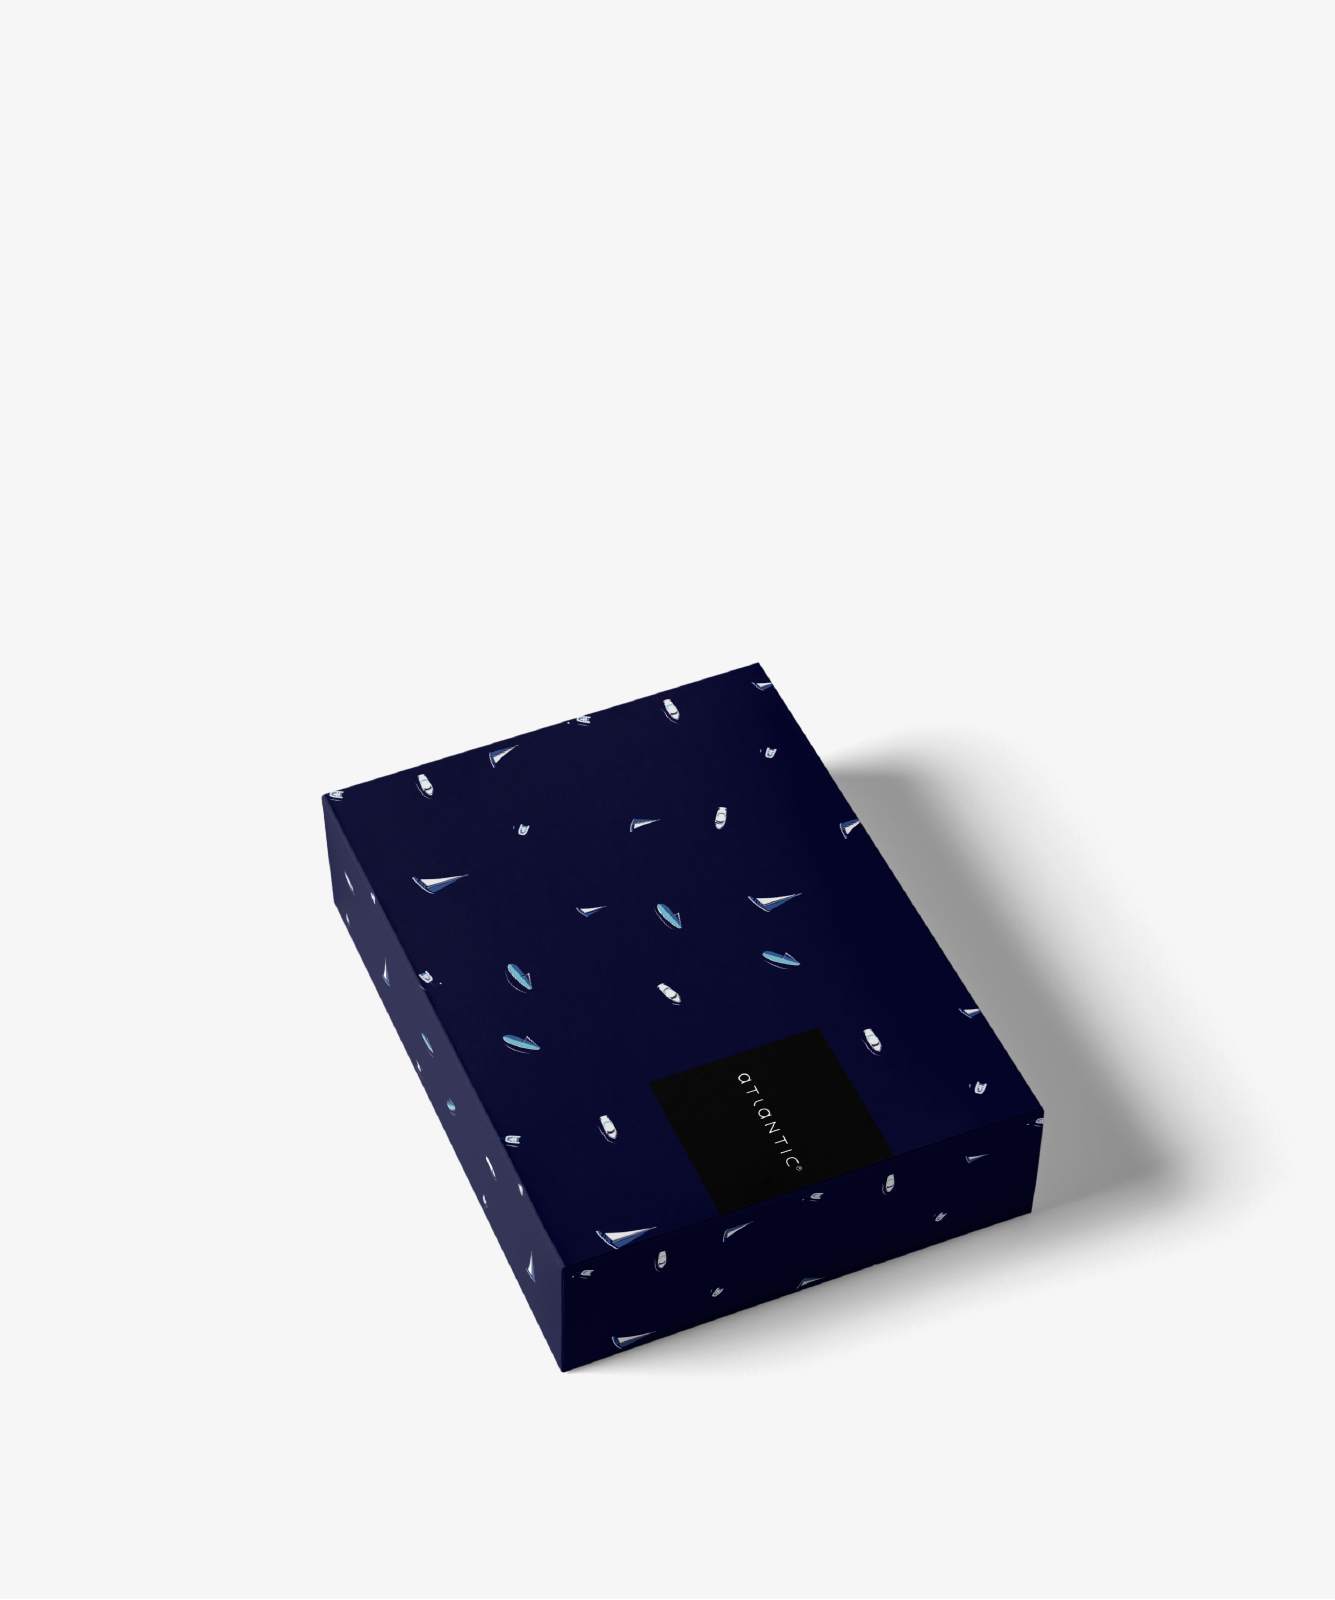 Мужские трусы шорты Atlantic, набор из 2 шт., хлопок, светло-голубой меланж + темно-синие, 2GMH-002